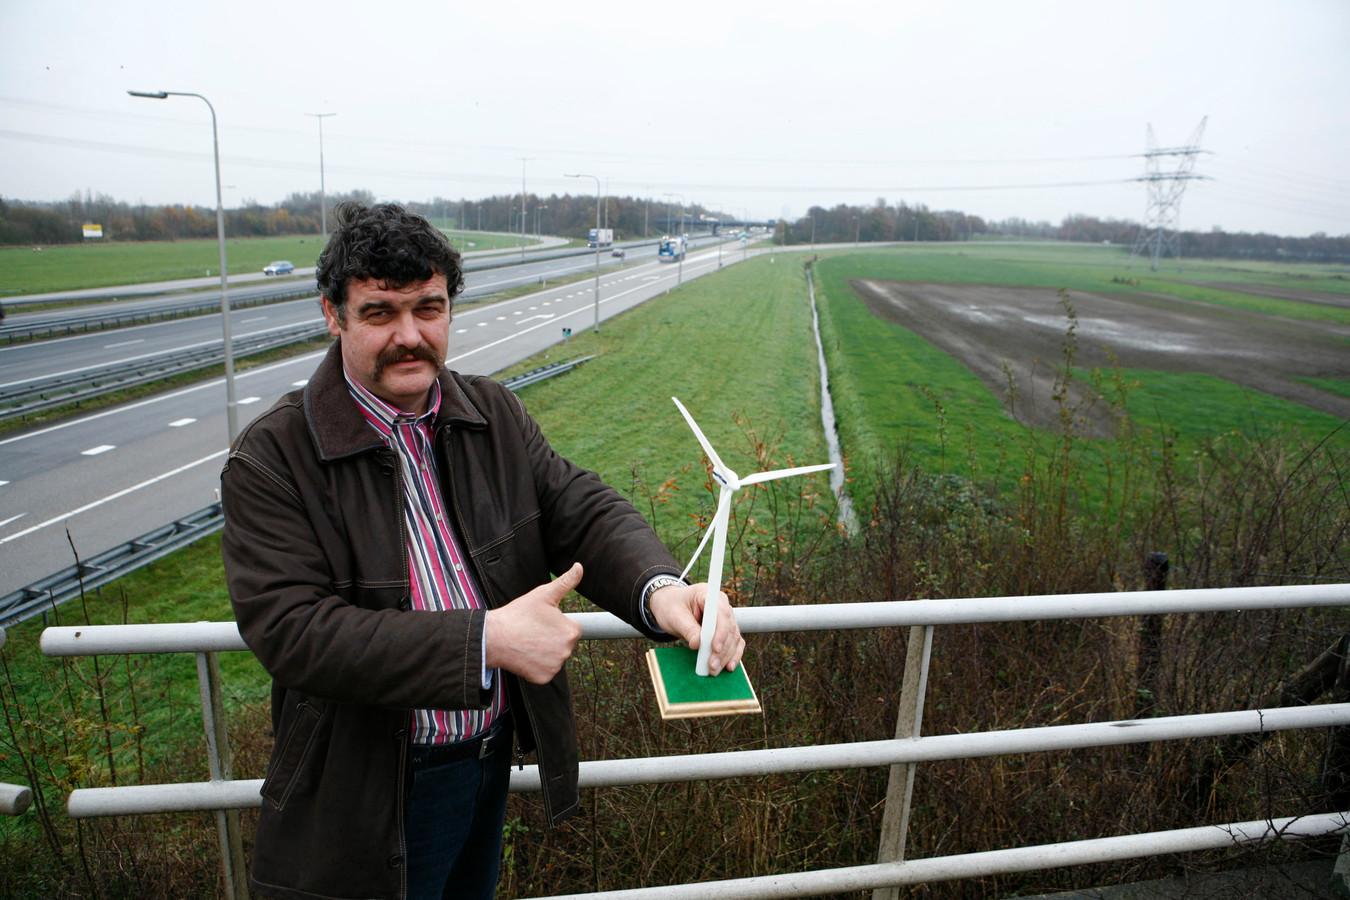 Jan van Werven, hier op archiefbeeld uit 2007, bij de plek waar de windmolens gebouwd mogen worden. Rechts is het bedrijvenpark H2O in ontwikkeling gekomen. Links van het verkeersknooppunt achter hem komen de windturbines